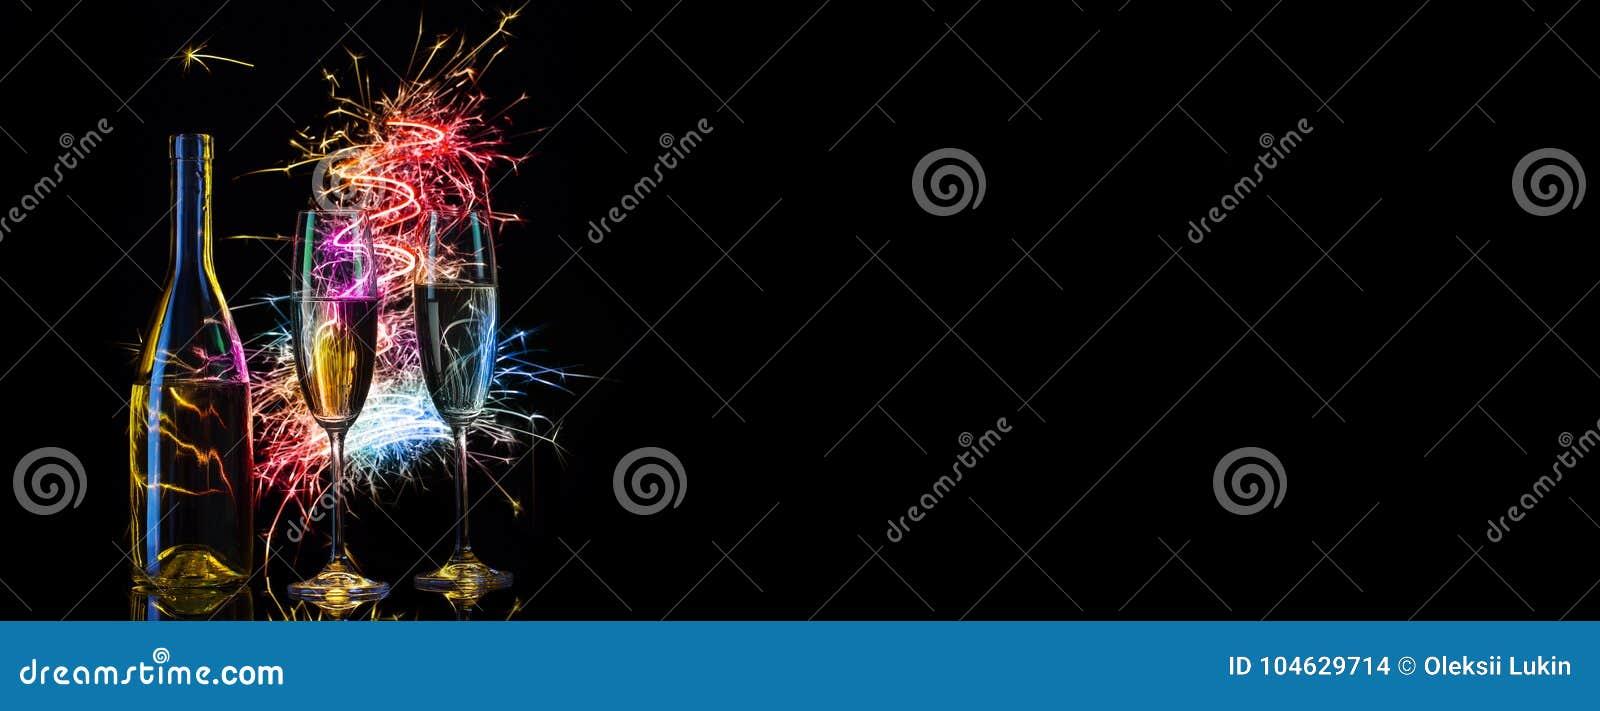 Download Feestelijke Champagne In Multicolored Vonken Van Lichten Stock Foto - Afbeelding bestaande uit zwart, decoratie: 104629714